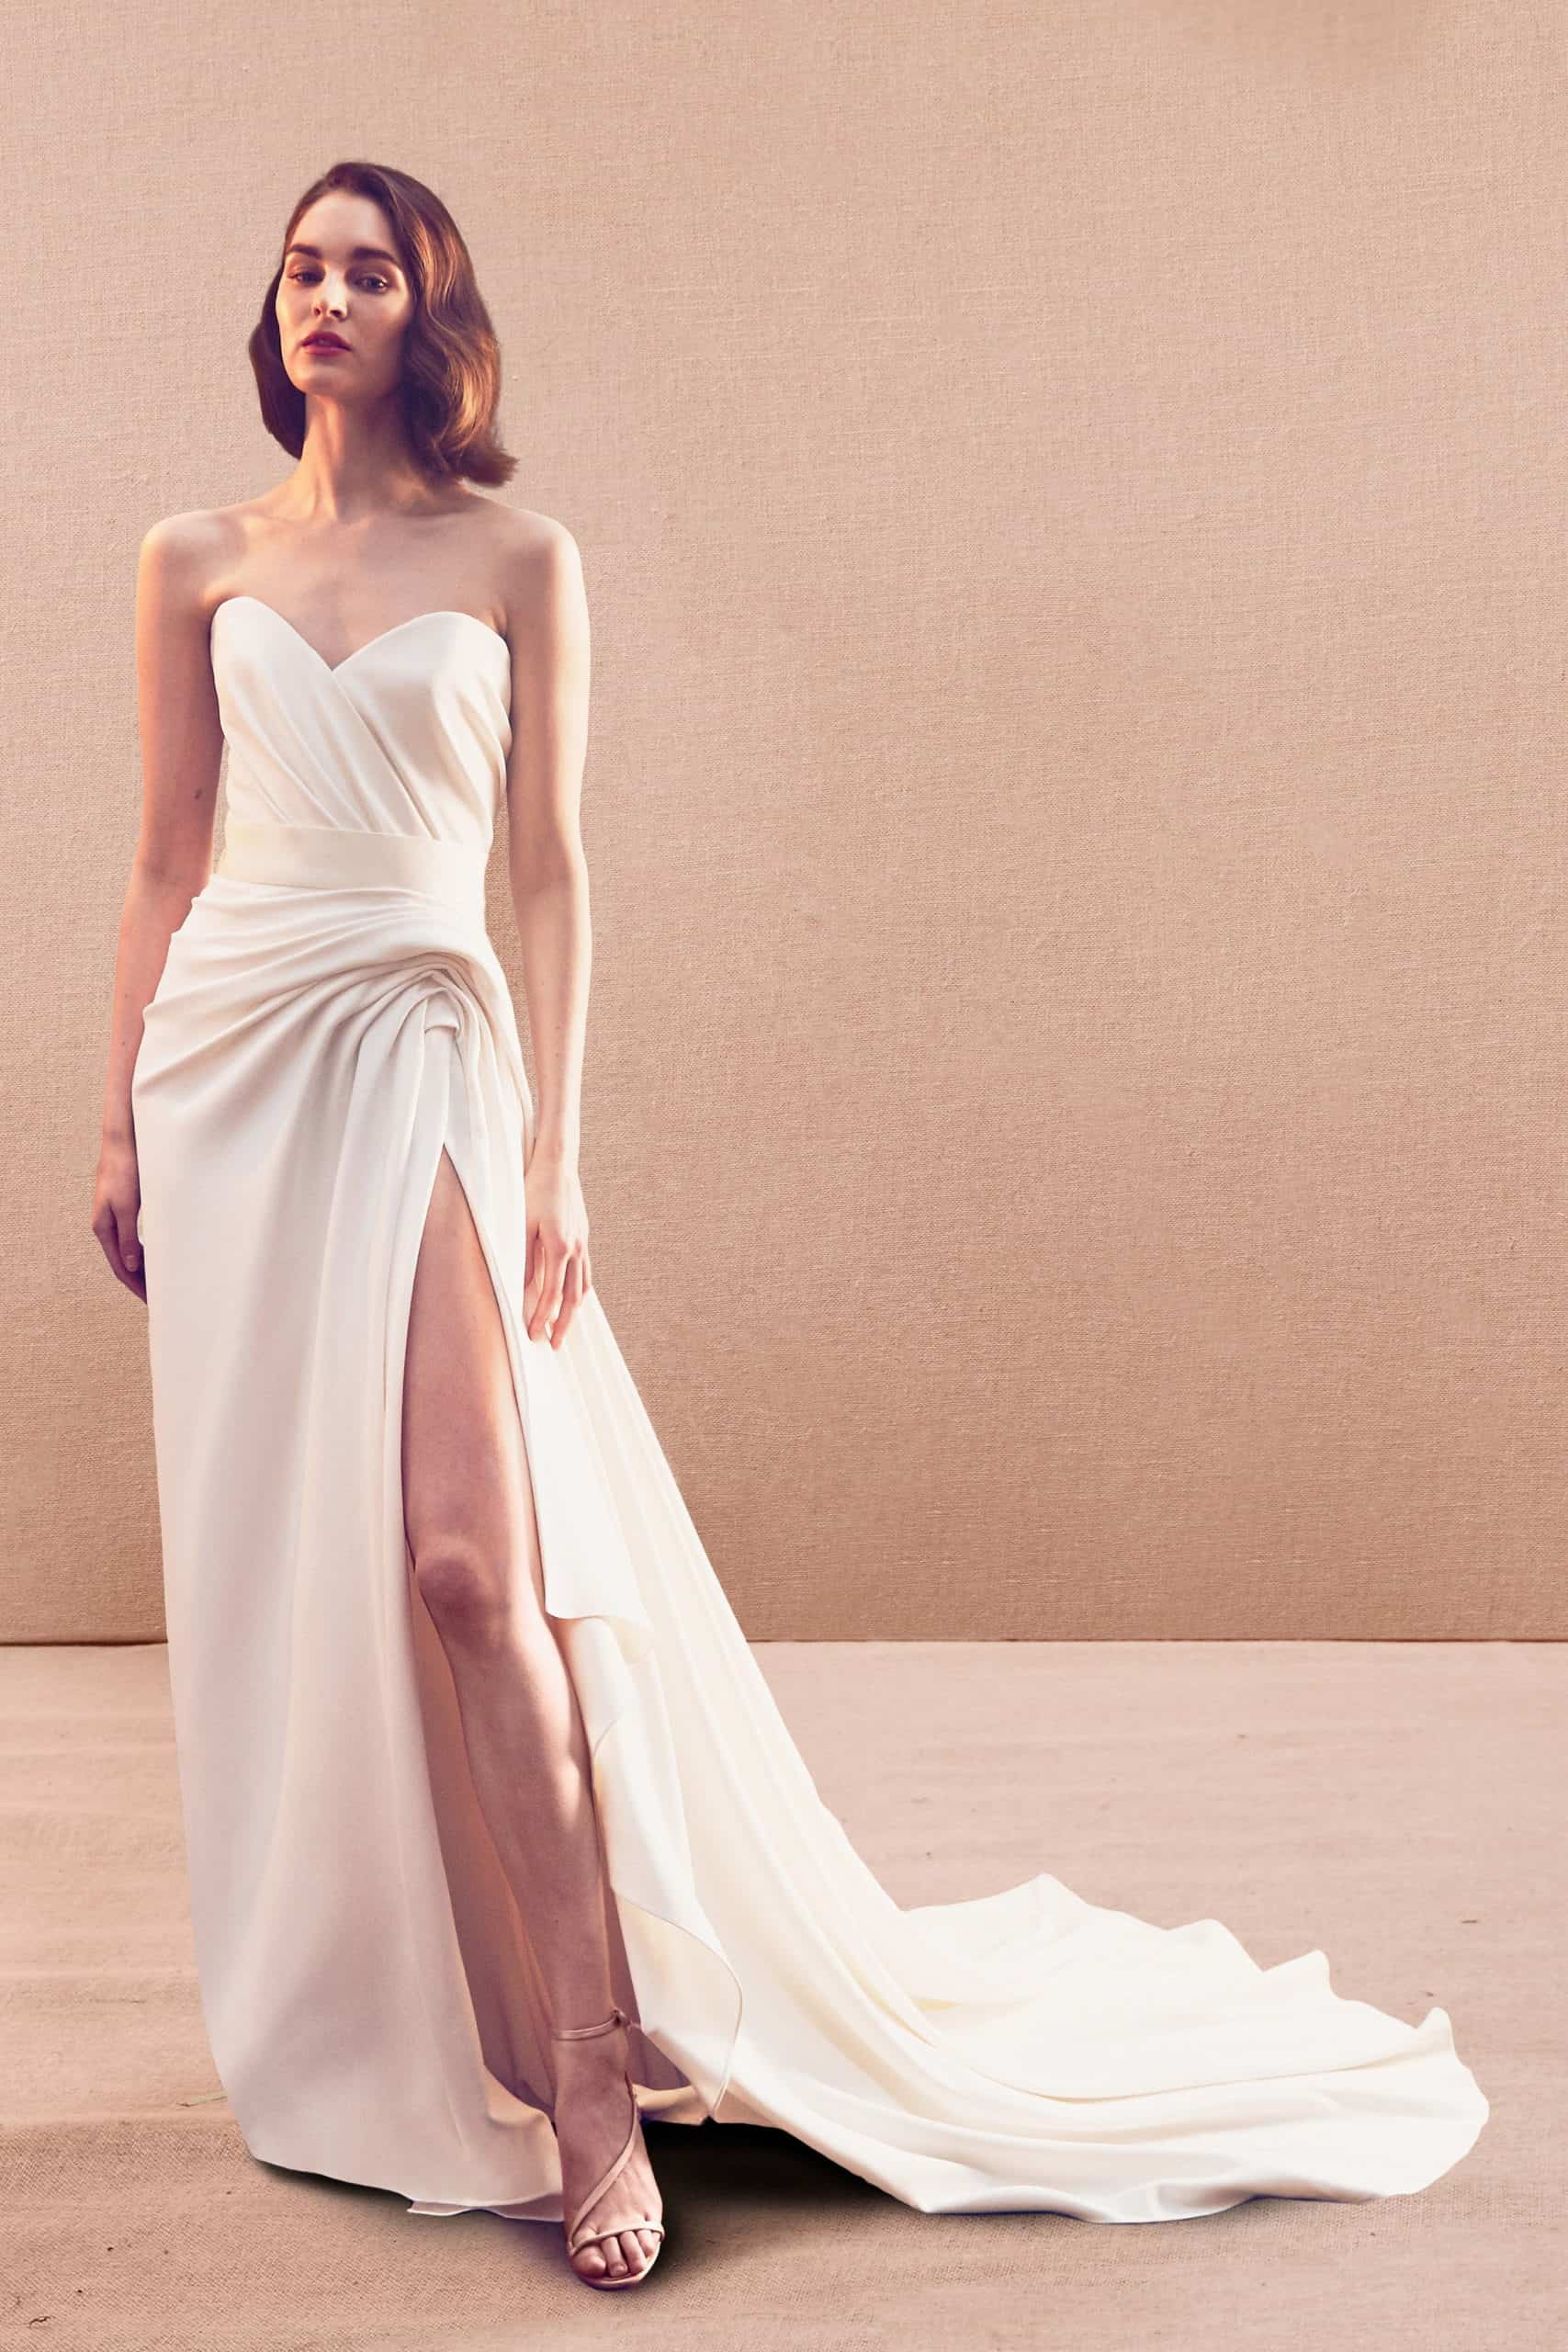 νυφικό φόρεμα με σχίσμα και ουρά από σατέν από τον Oscar de la Renta